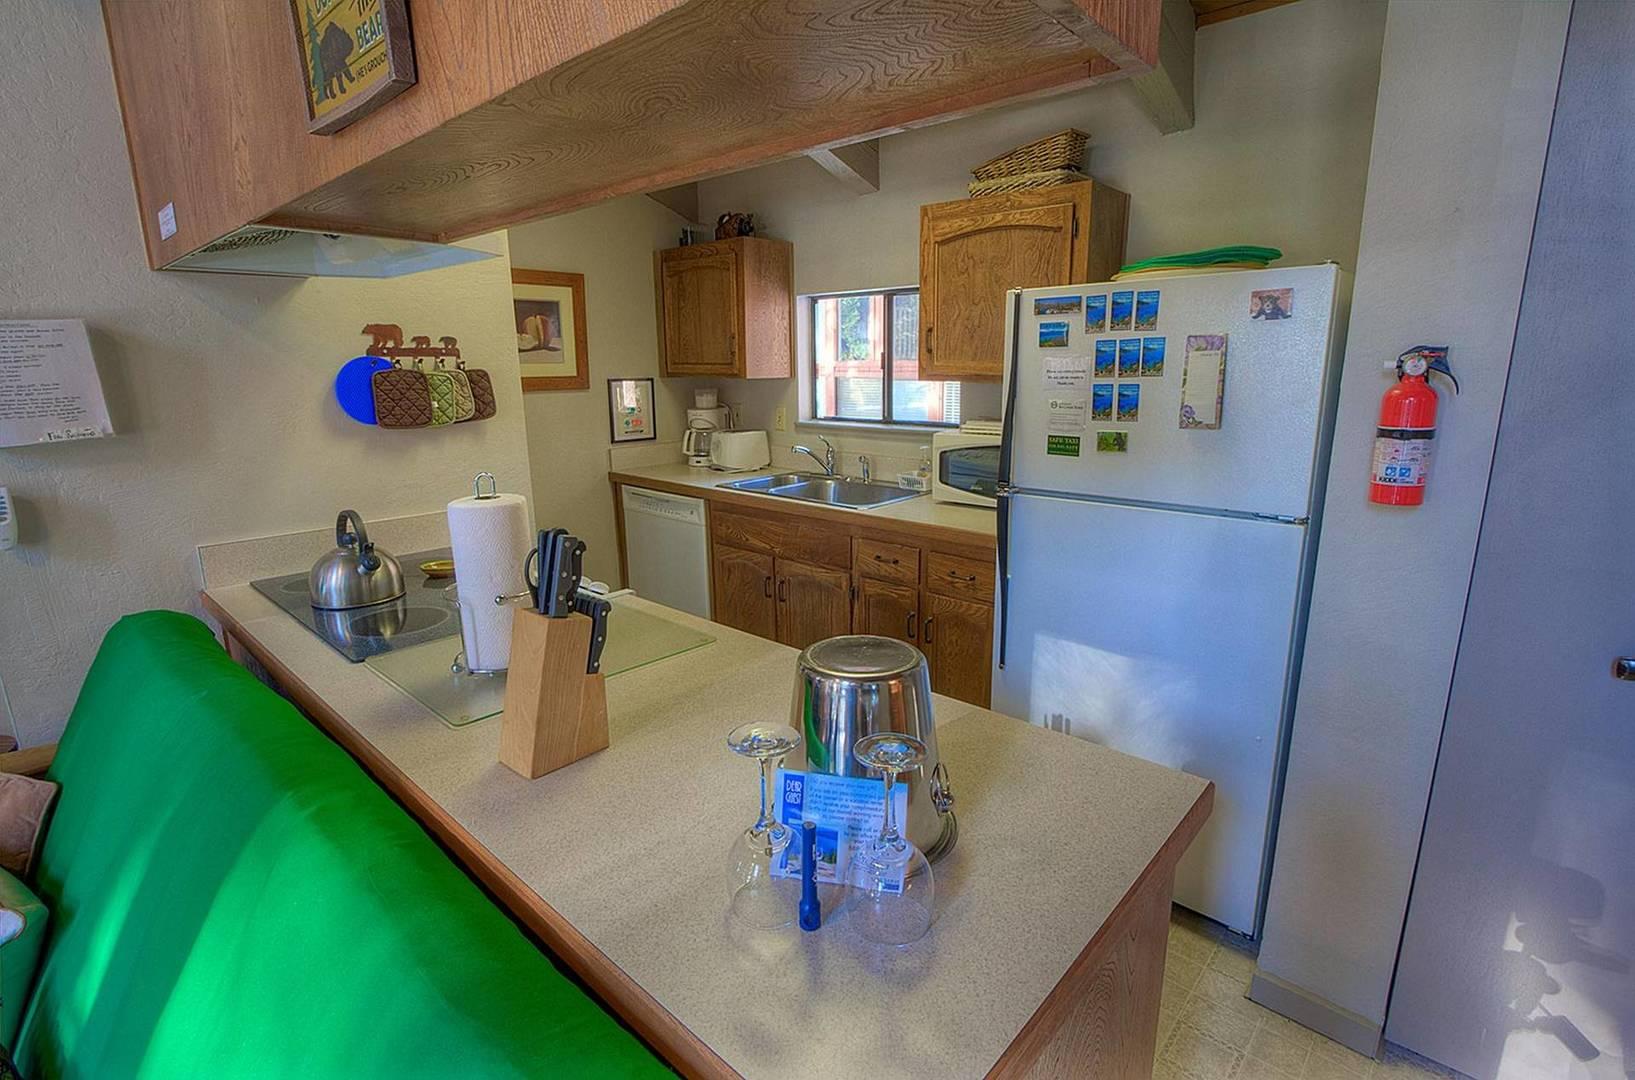 hcc0674 kitchen